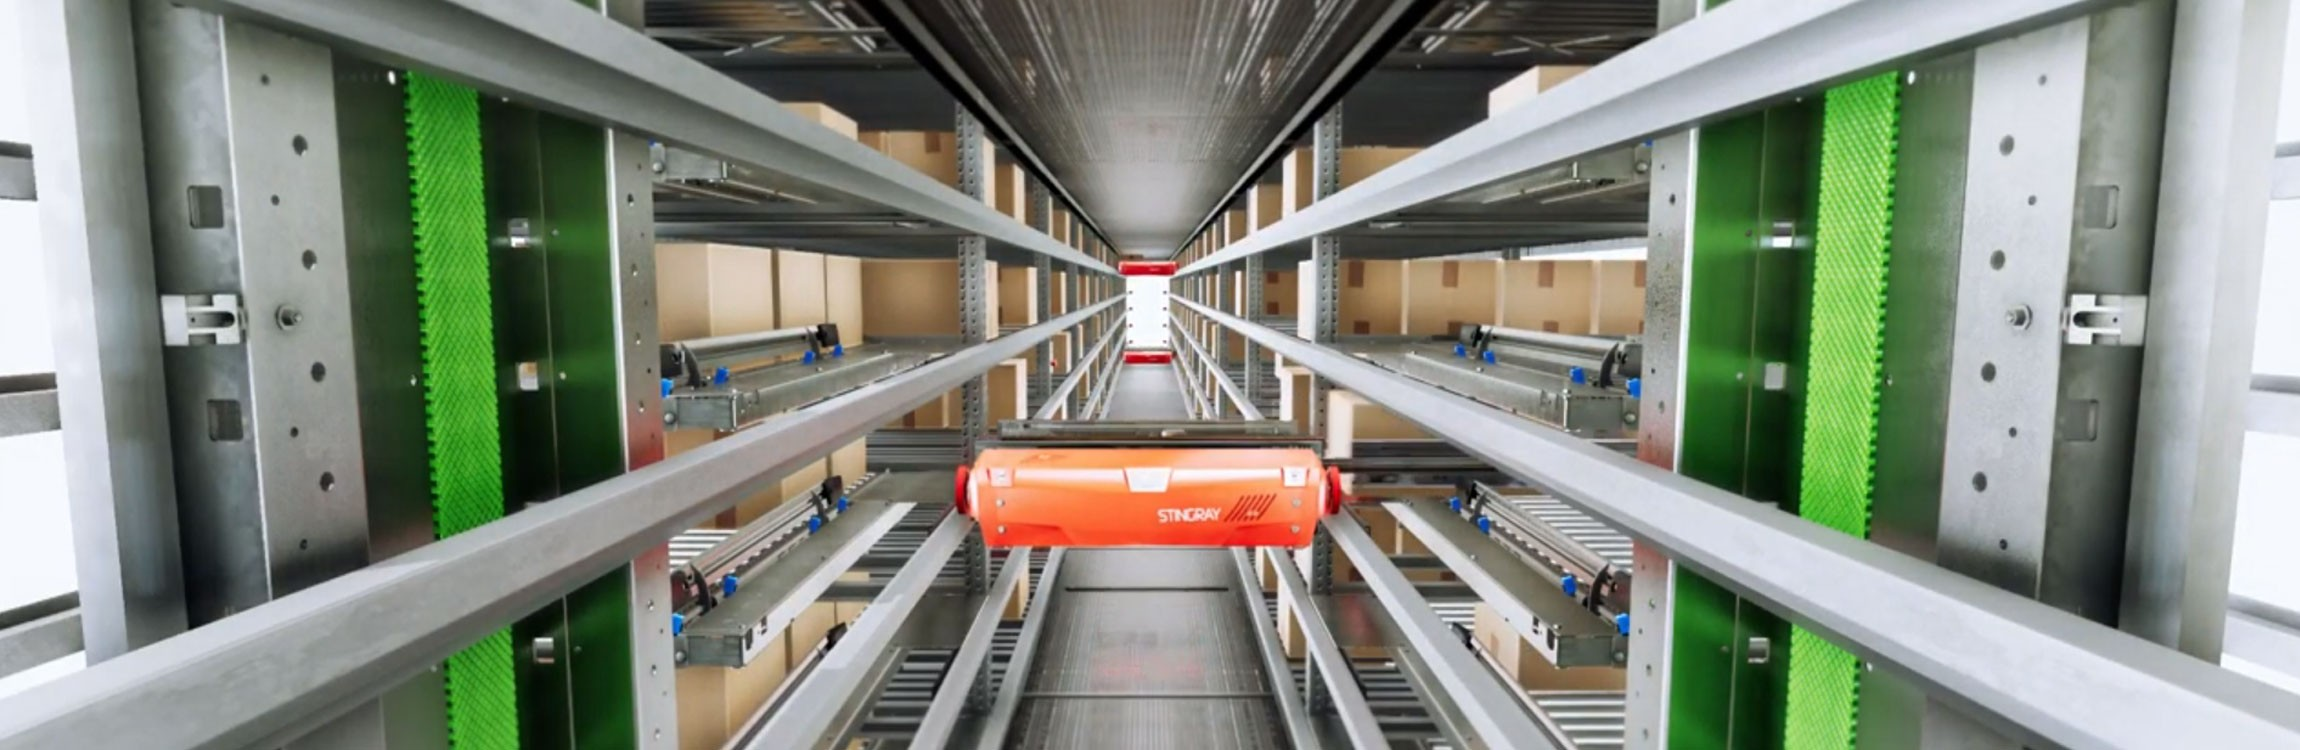 Singray Shuttle: unsere schnell, intelligente und flexible Lösung.